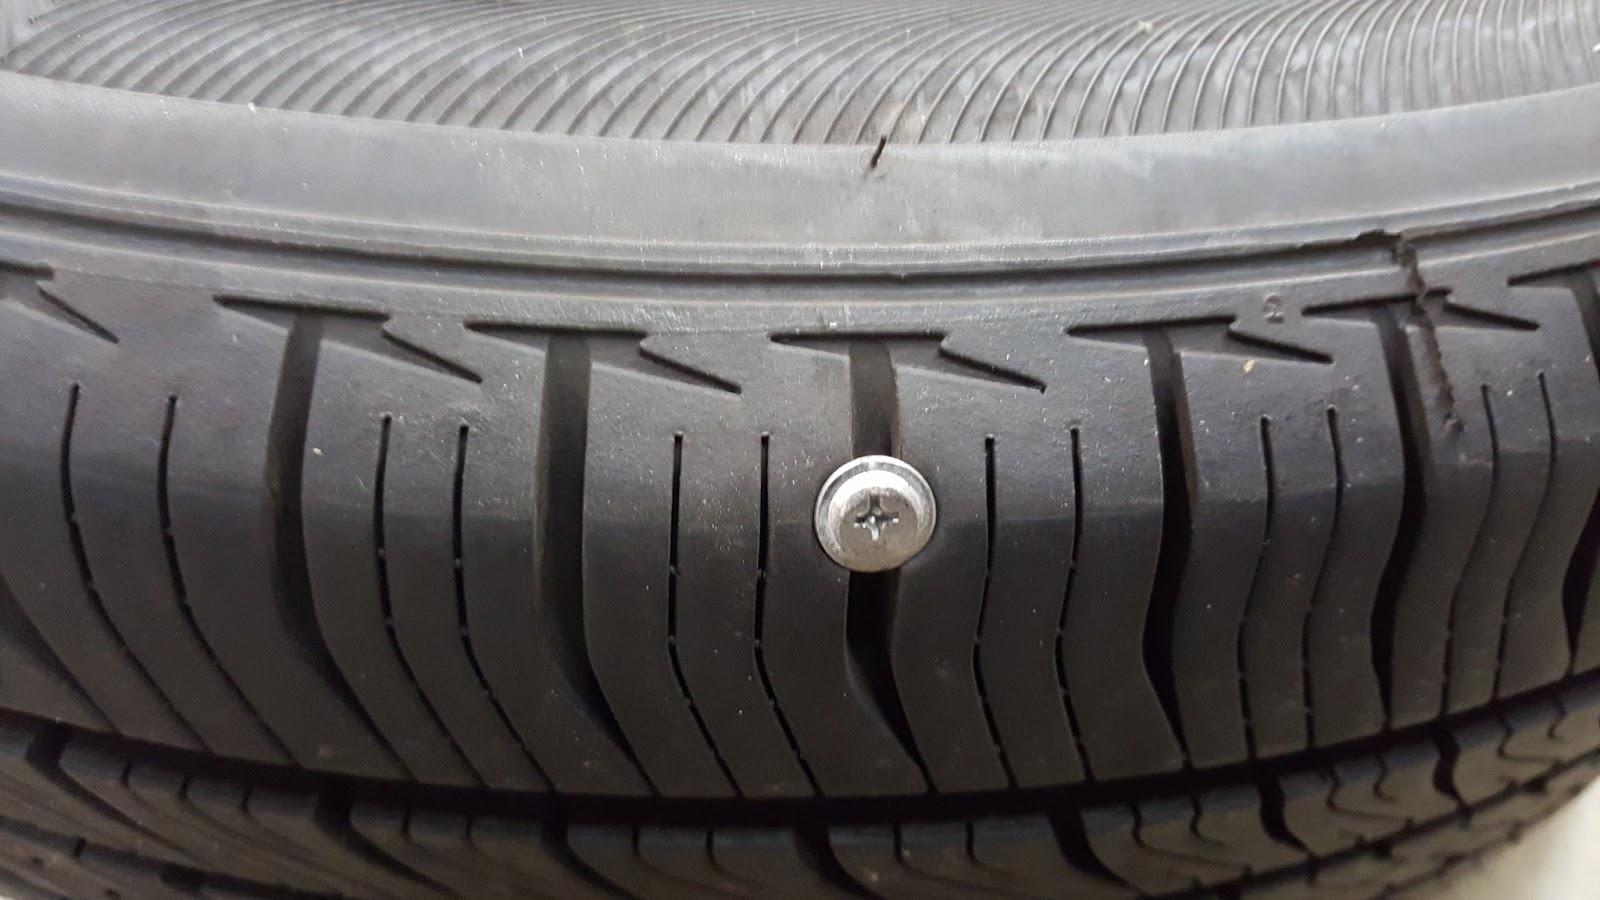 HankookLynnwood: Puncture Repair